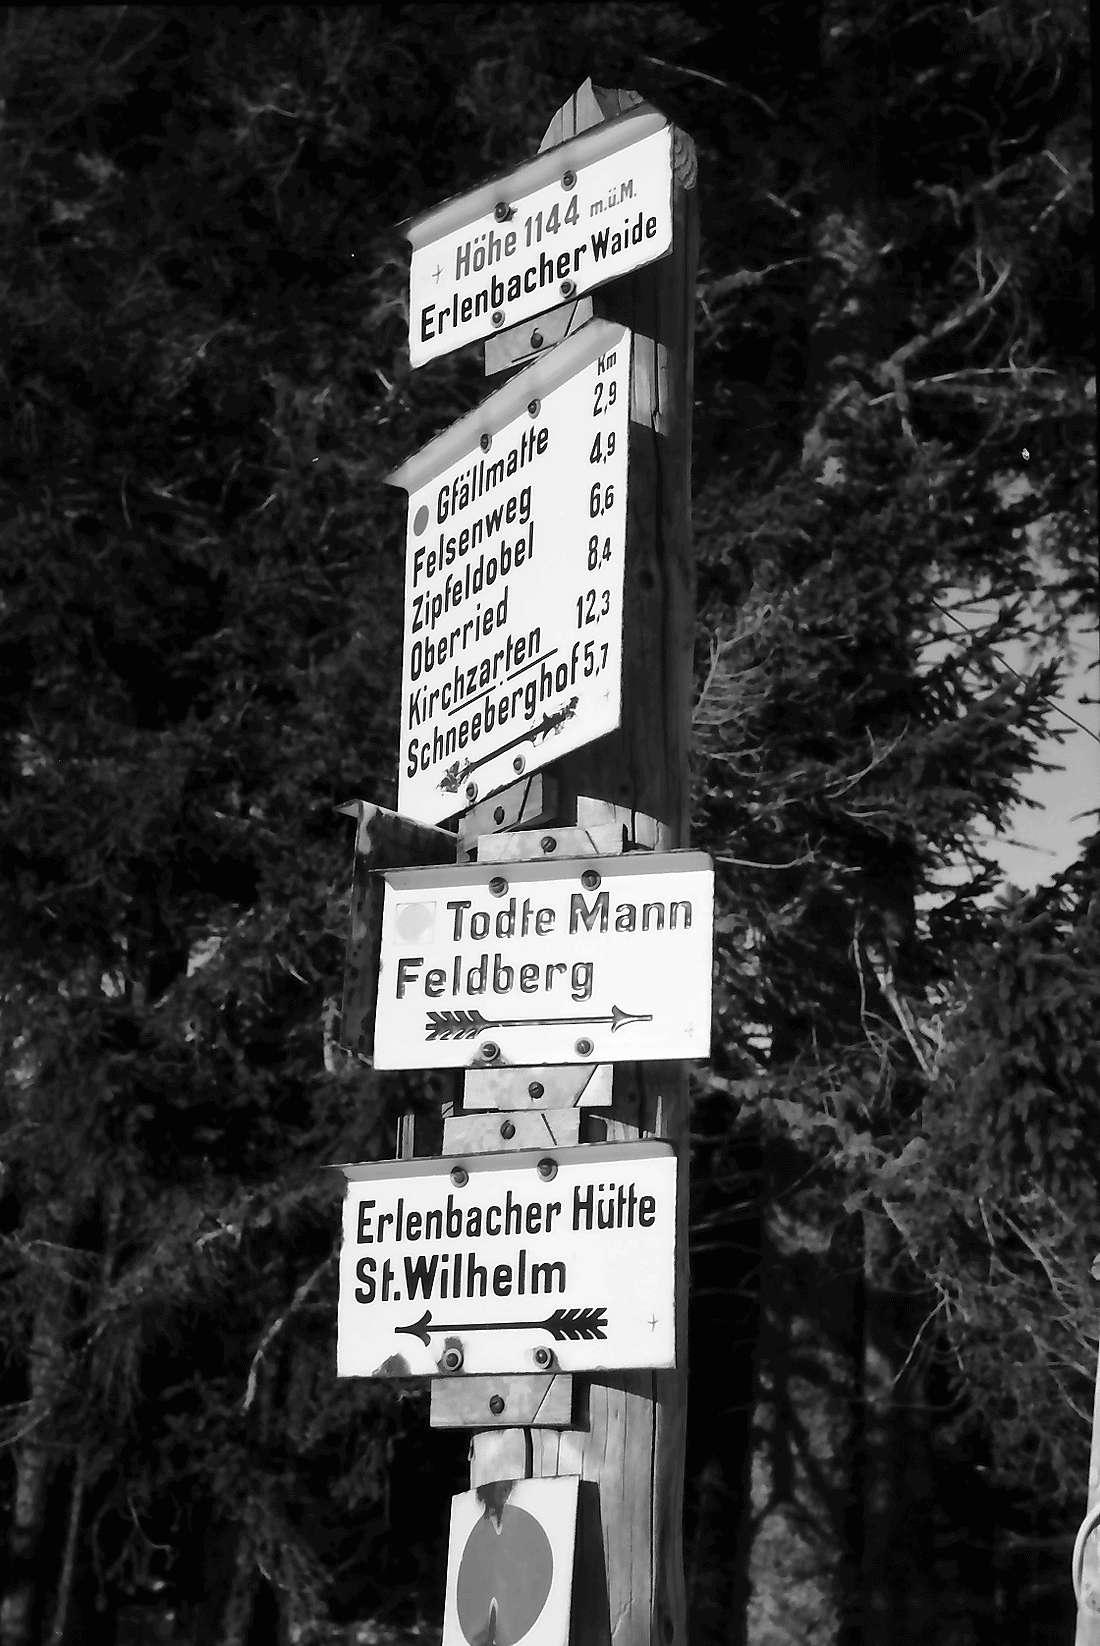 Oberried: Stollenbacher Hütte; Wegweiser auf der Erlenbacher Waide; 1144 m, Bild 1